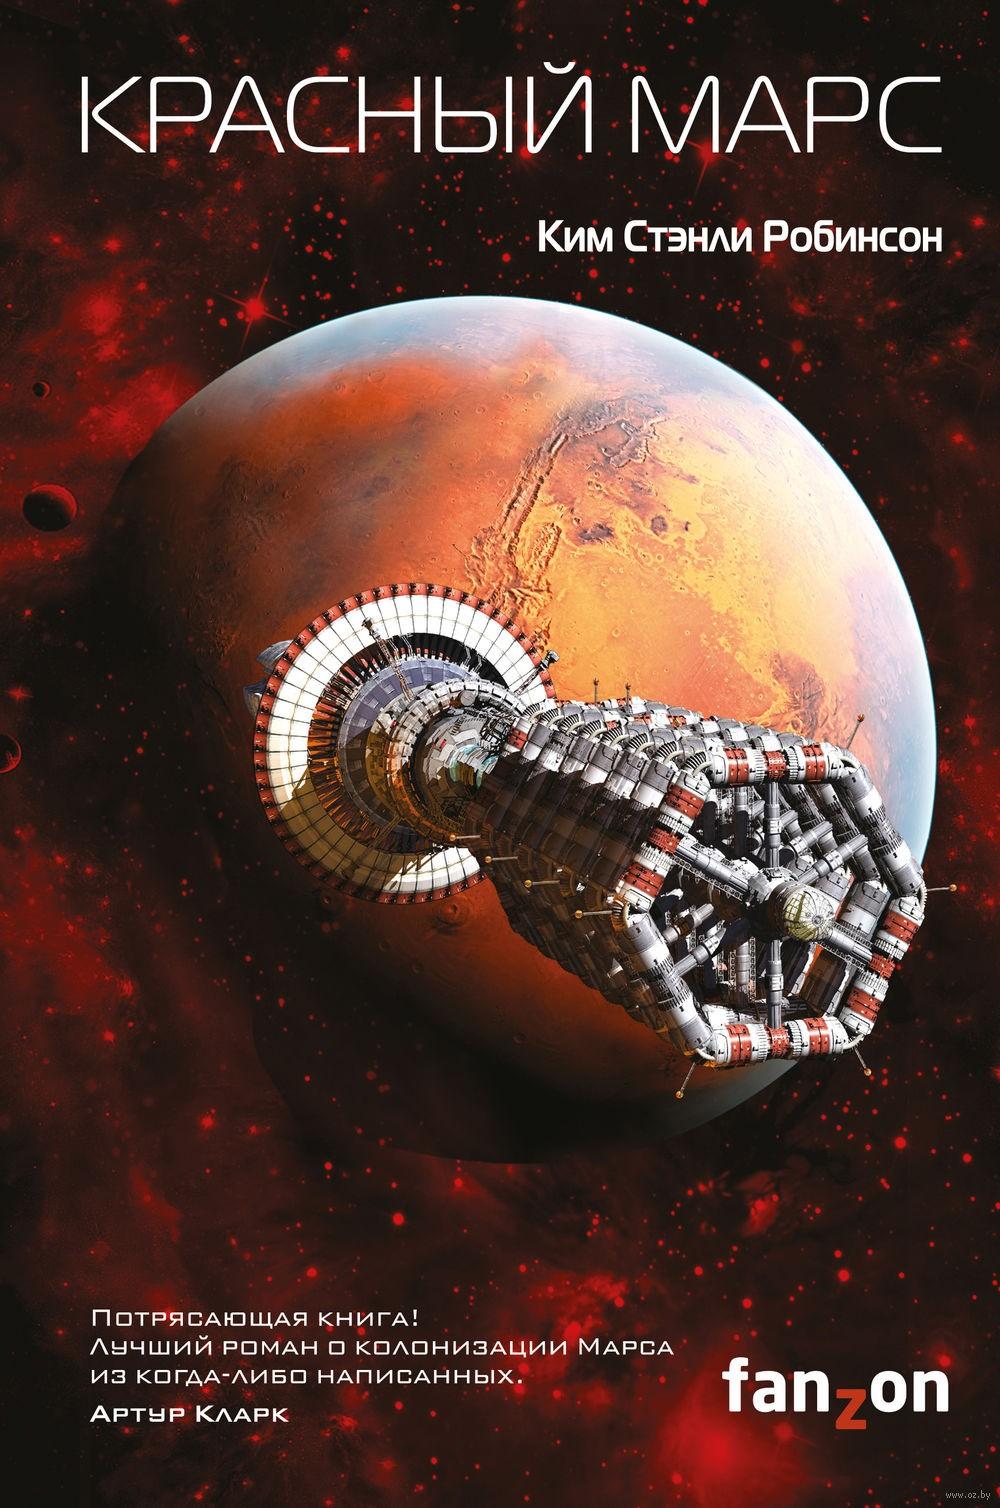 Гифка красный марс планета гиф картинка, скачать анимированный gif.